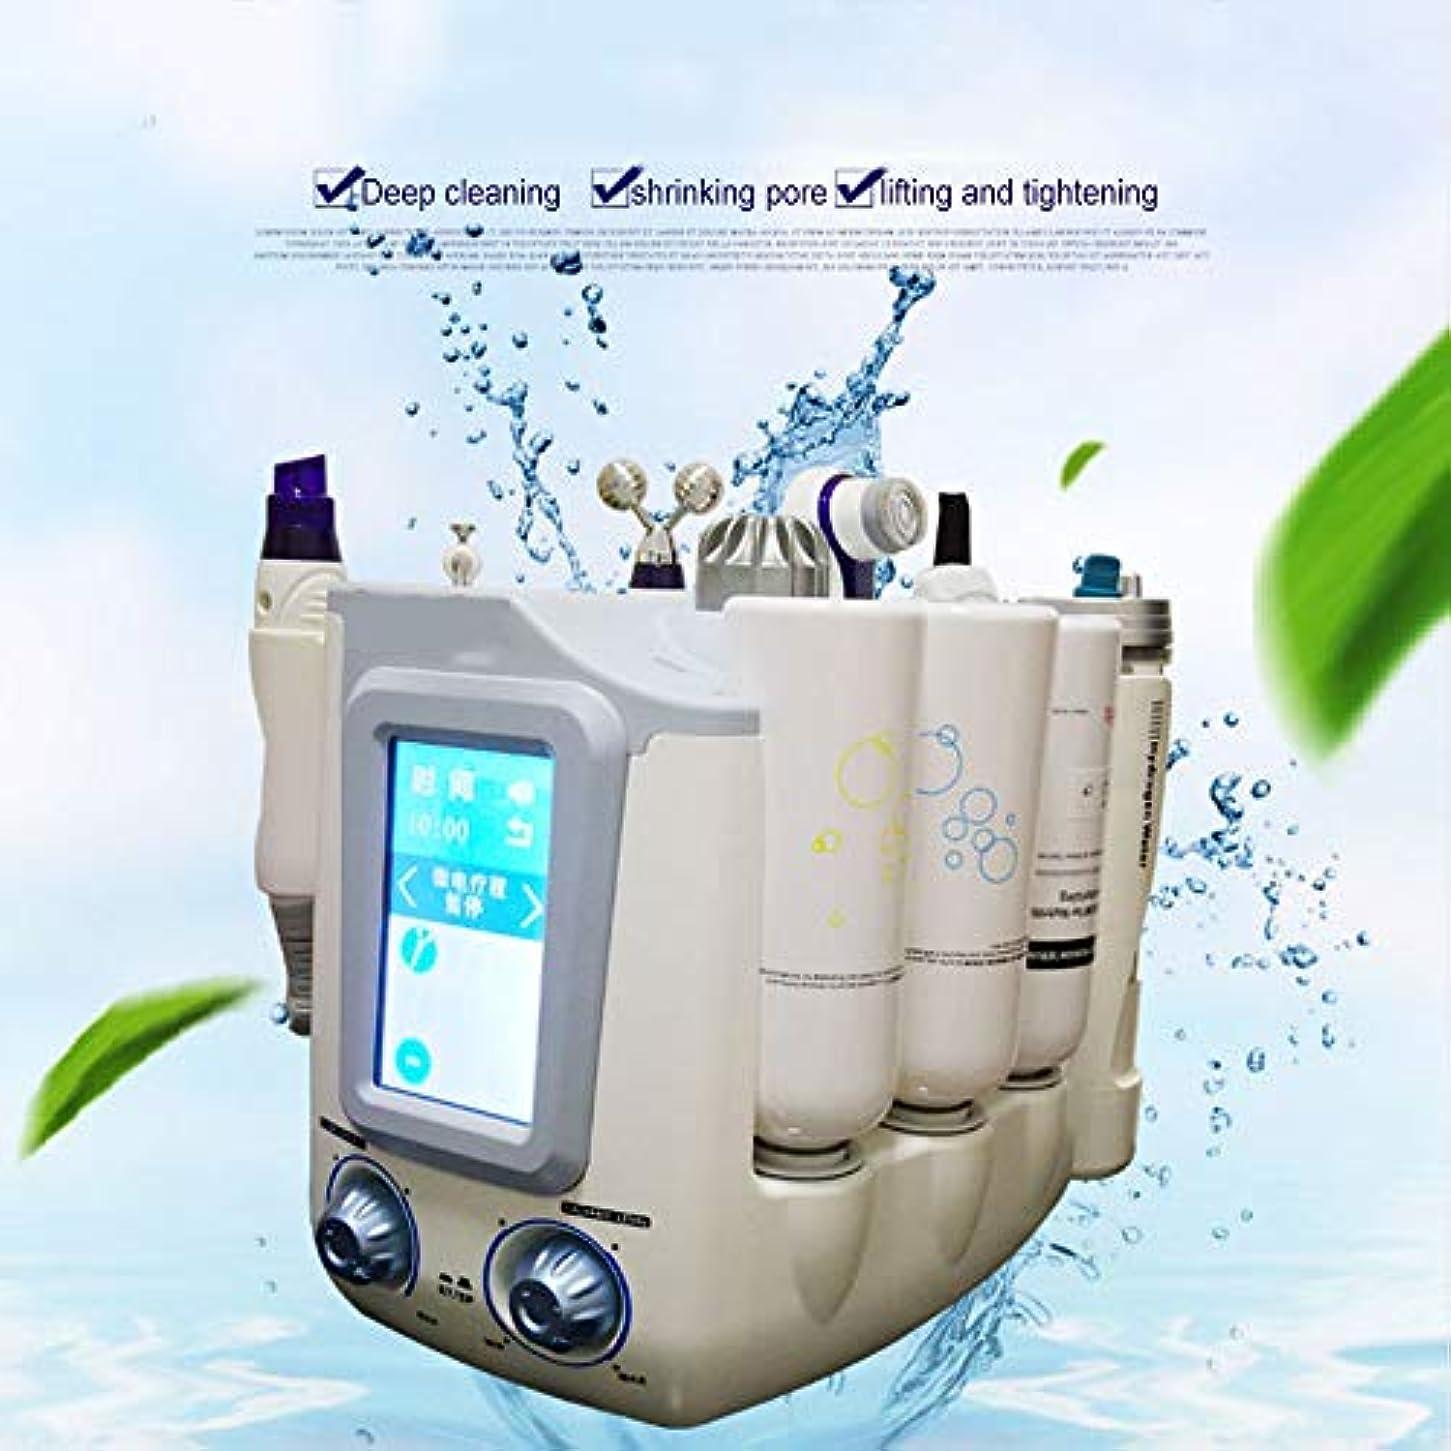 さびたルビーボイコット顔の美のスキンケア、水素の酸素の小さい泡Hydrofacial 6 1の多機能のスキンクリーナー、顔のクリーニングのにきびの若返りの美機械